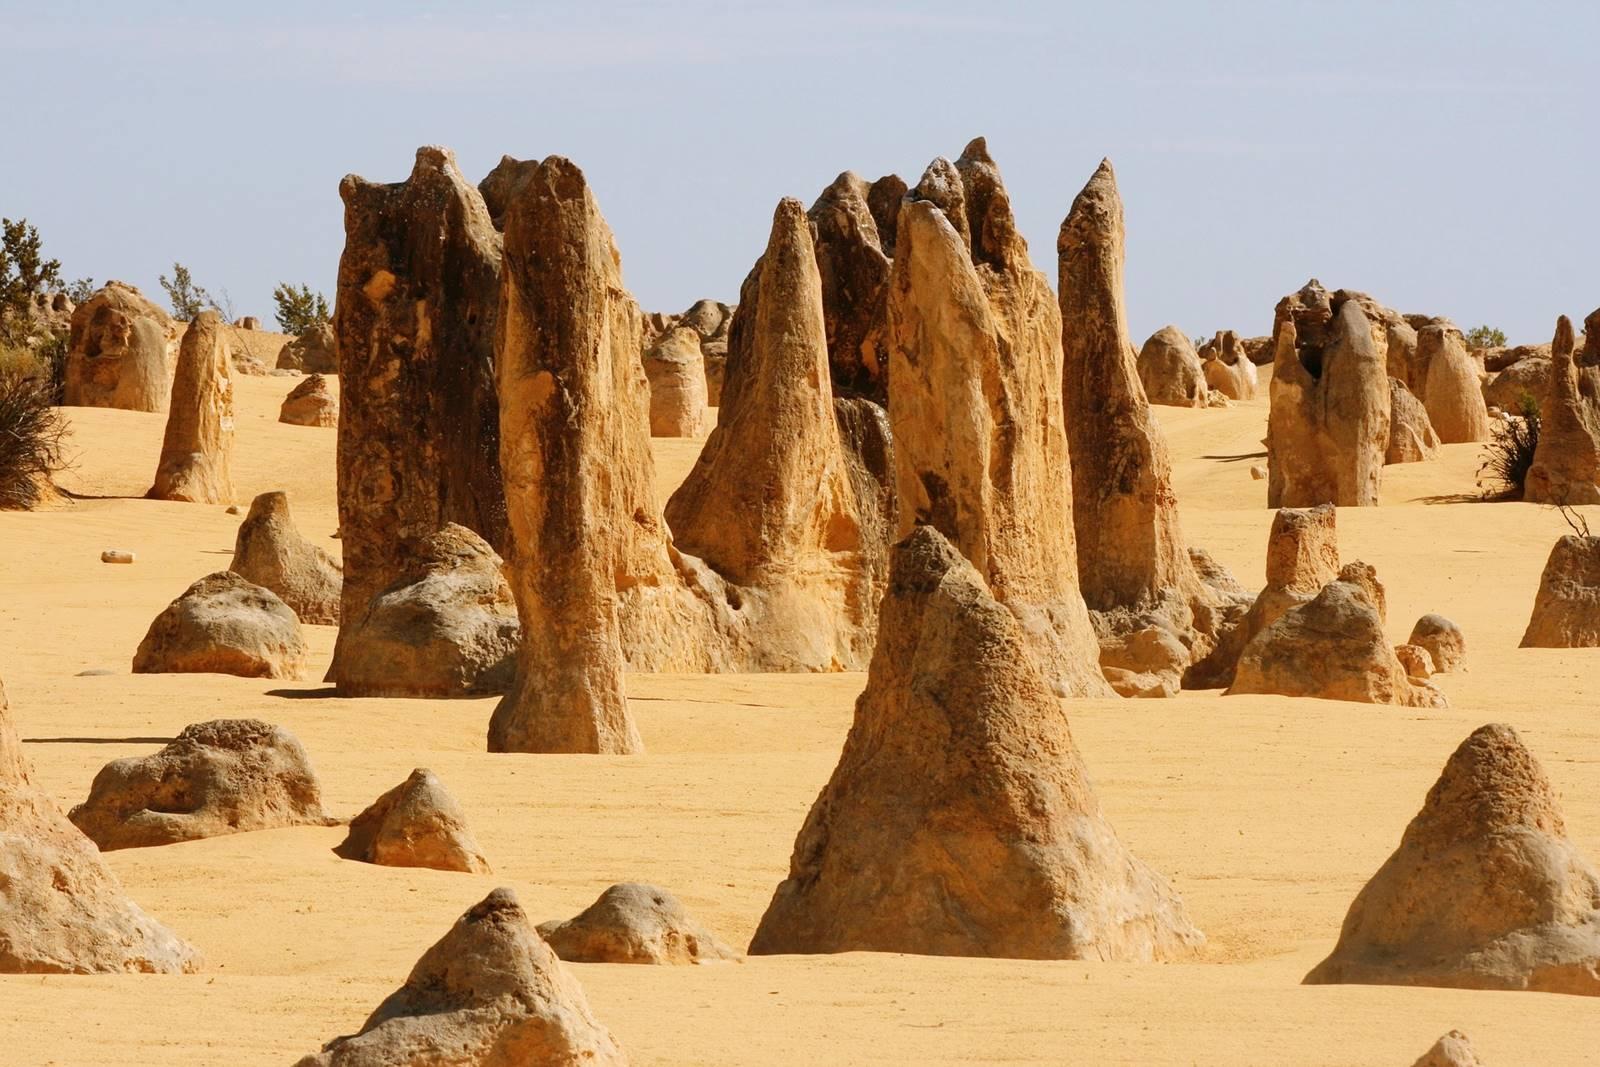 澳洲-伯斯-景點-推薦-尖峰石陣-Pinnacles-Desert-必玩-必去-自由行-行程-攻略-旅遊-一日遊-二日遊-Perth-Travel-Tourist-Attraction